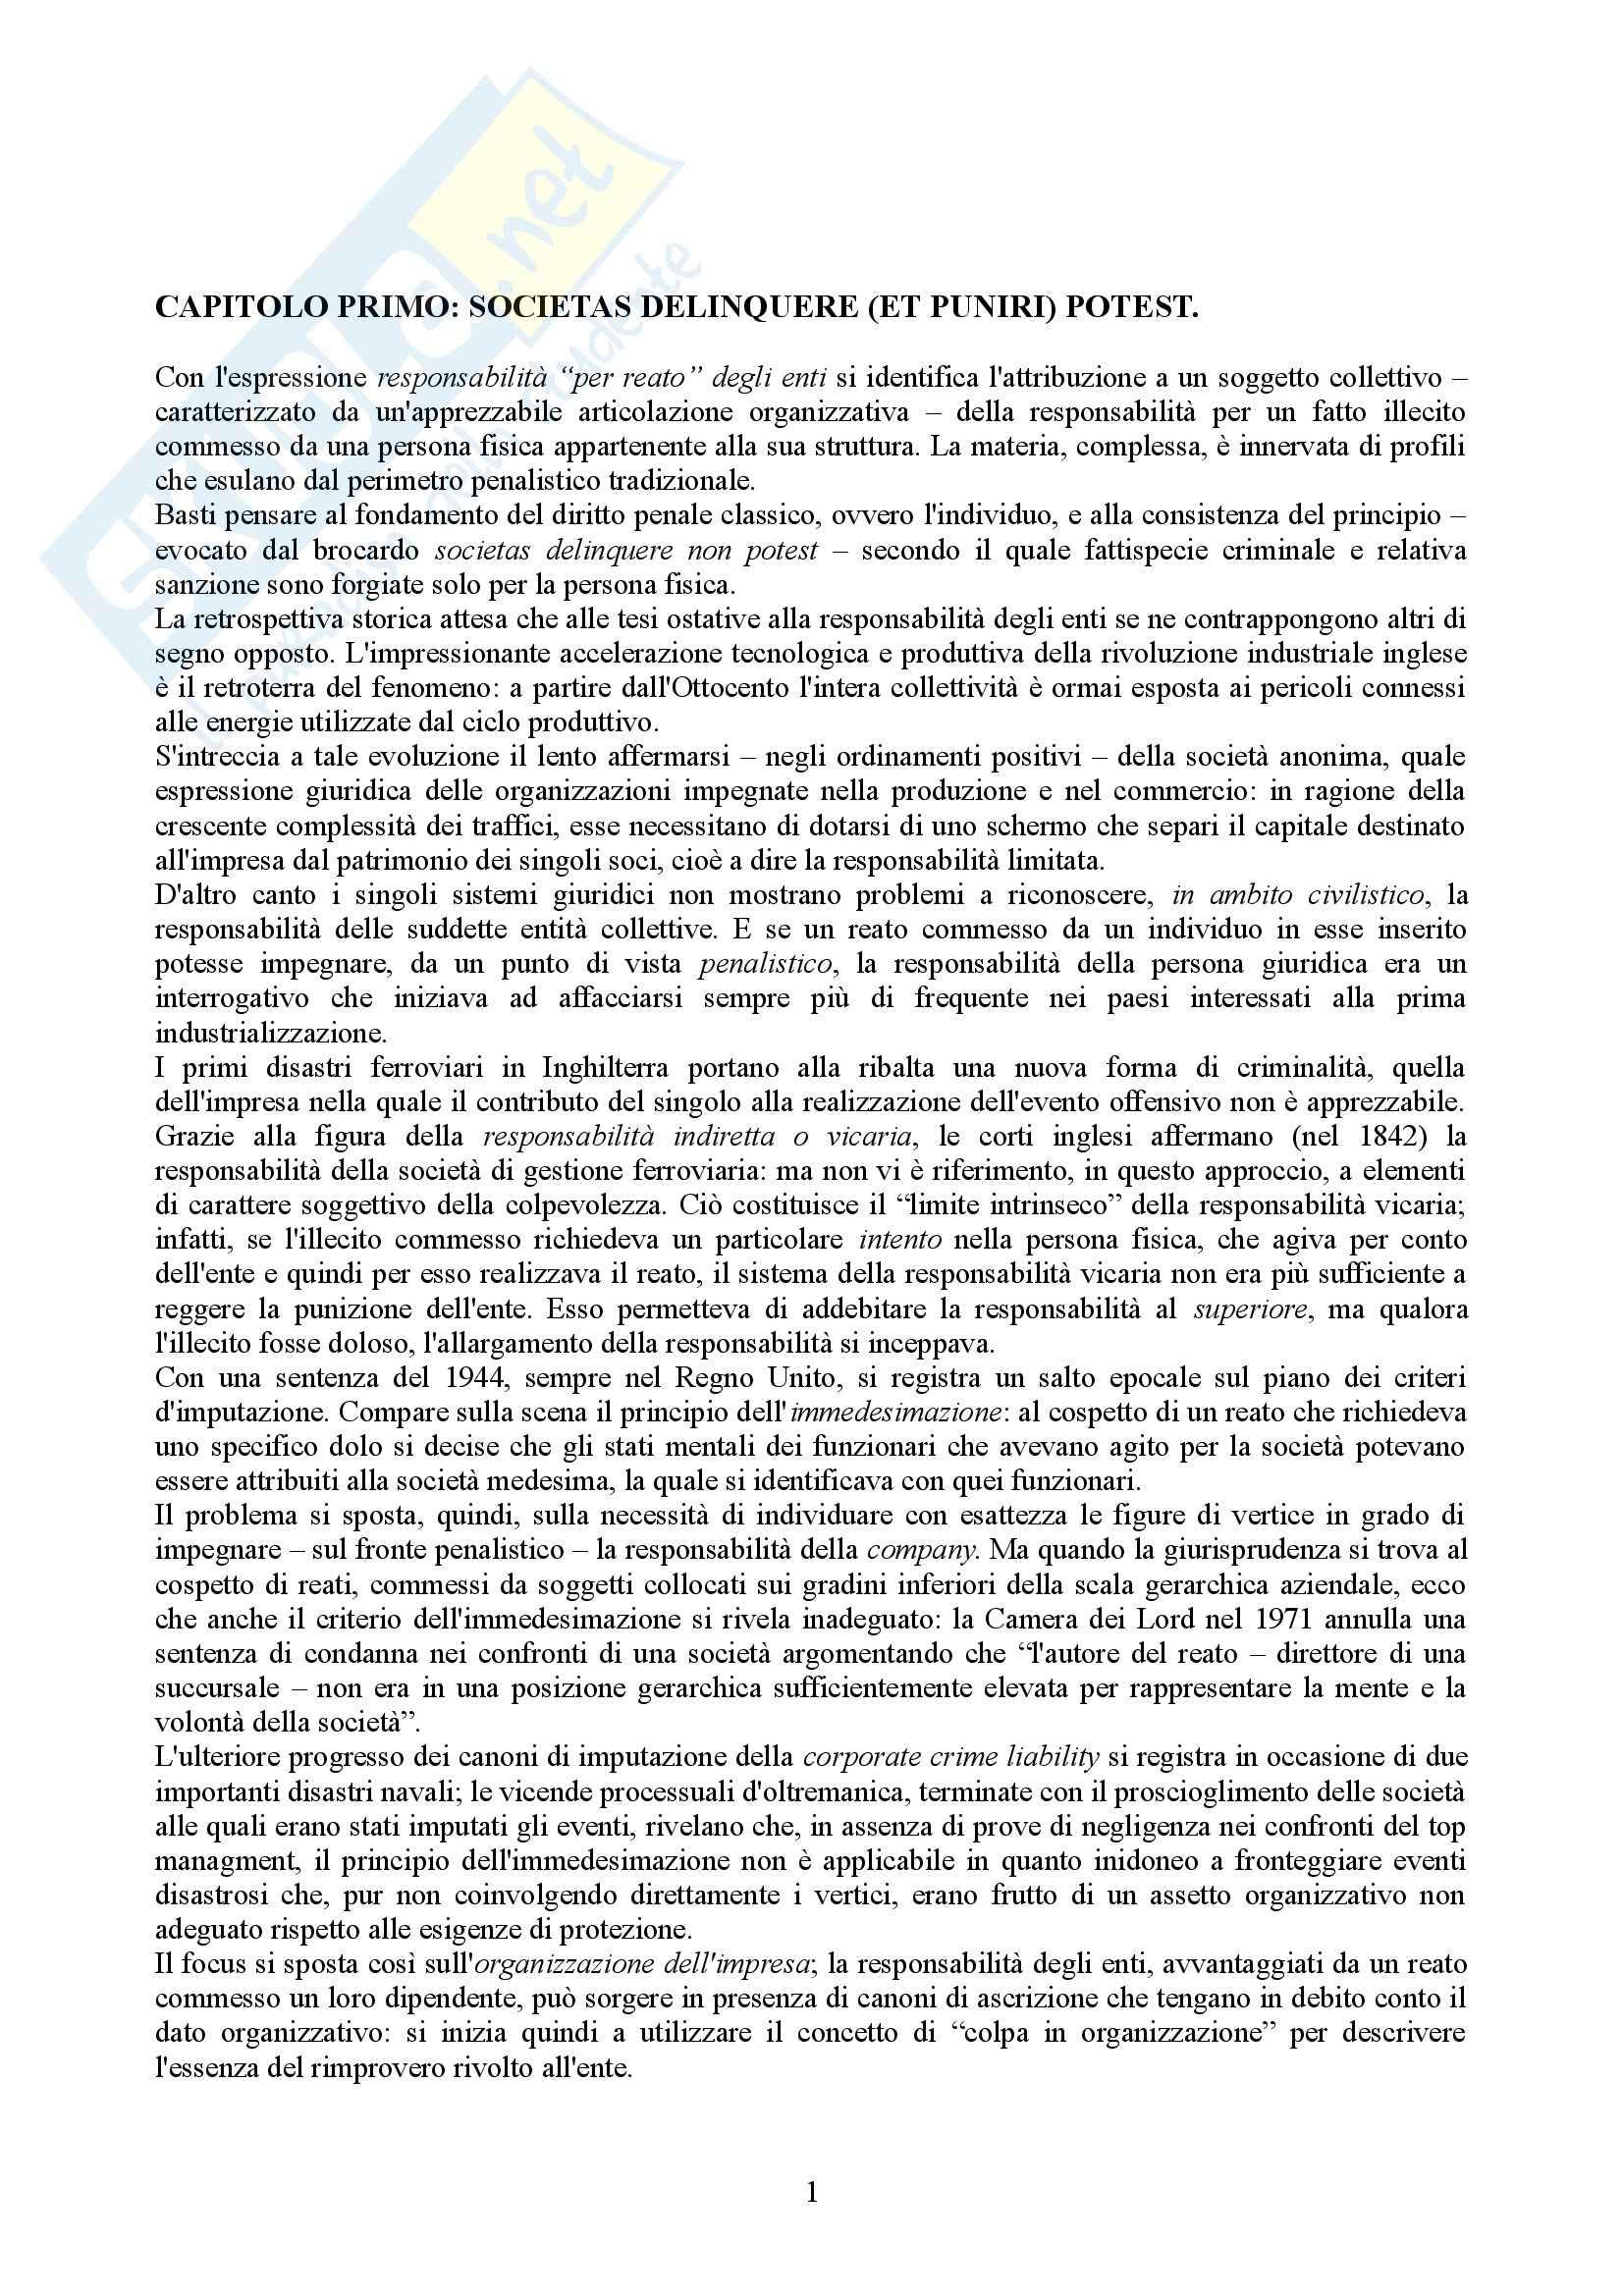 Riassunto esame Diritto processuale penale, prof. Corso, libro consigliato Manuale della responsabilità degli enti, Presutti, Bernasconi